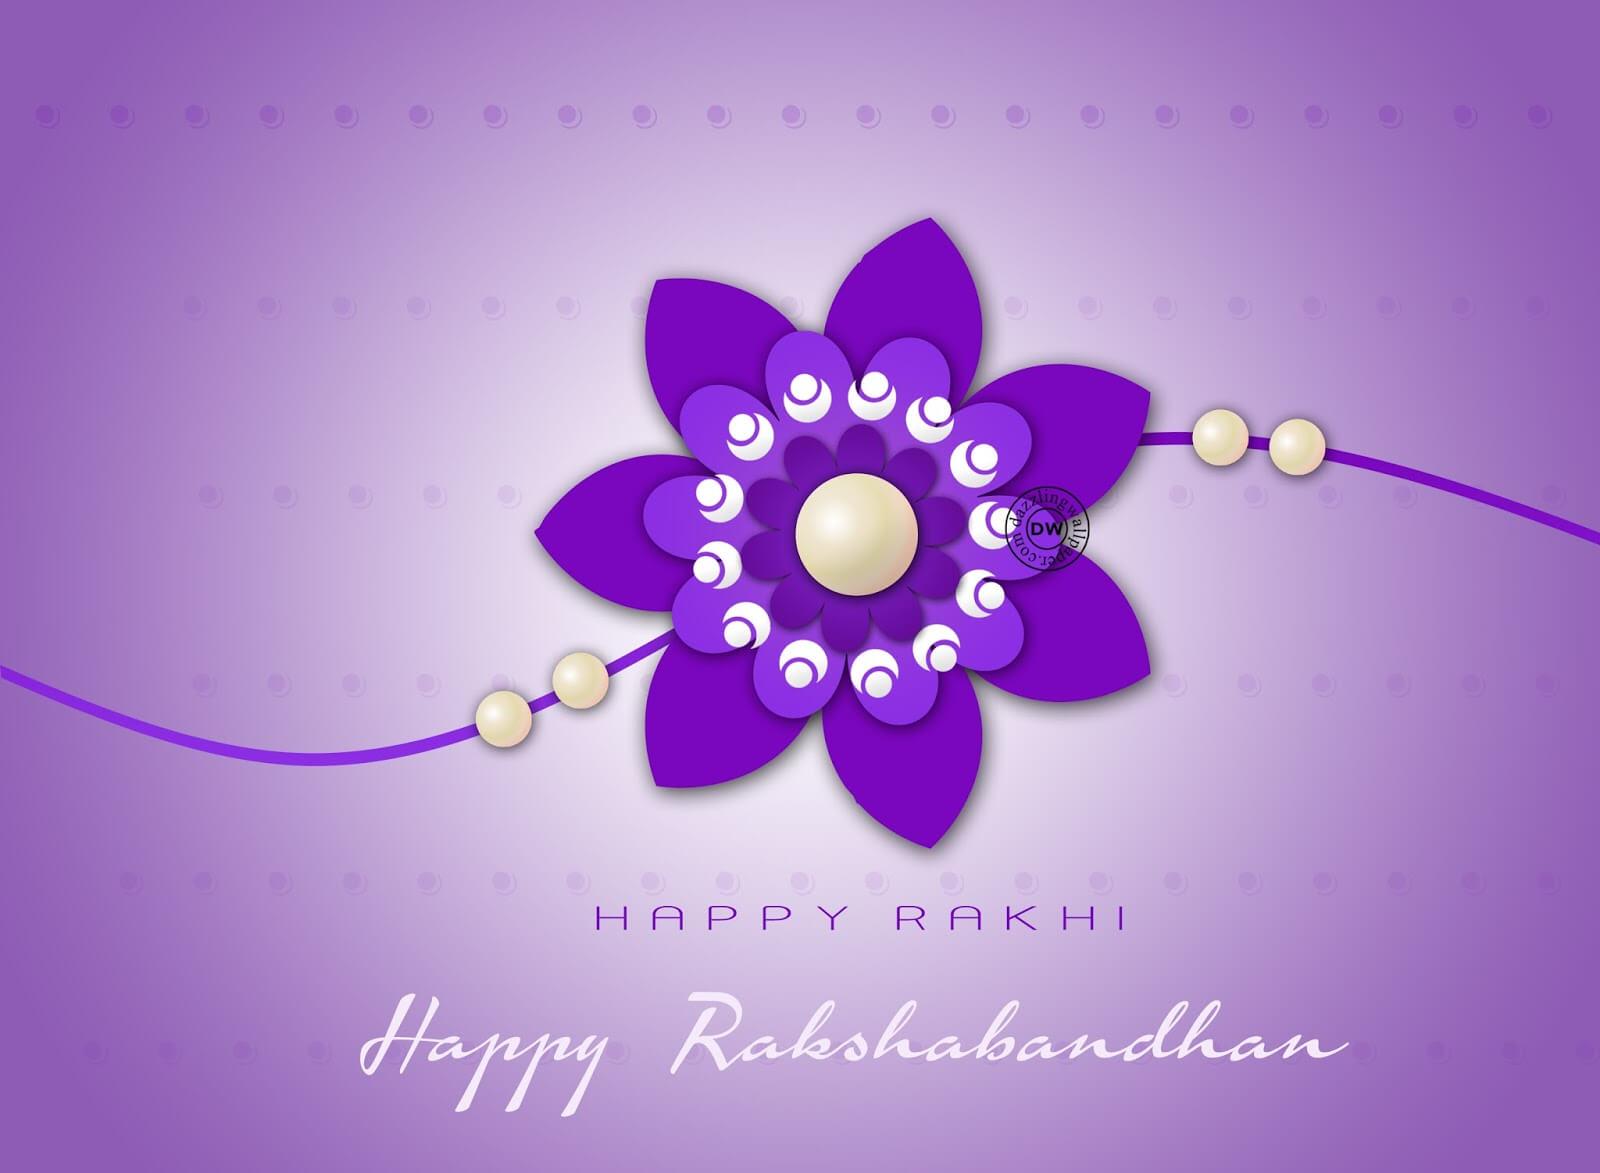 happy raksha bandhan rakhi wishes hd wallpaper